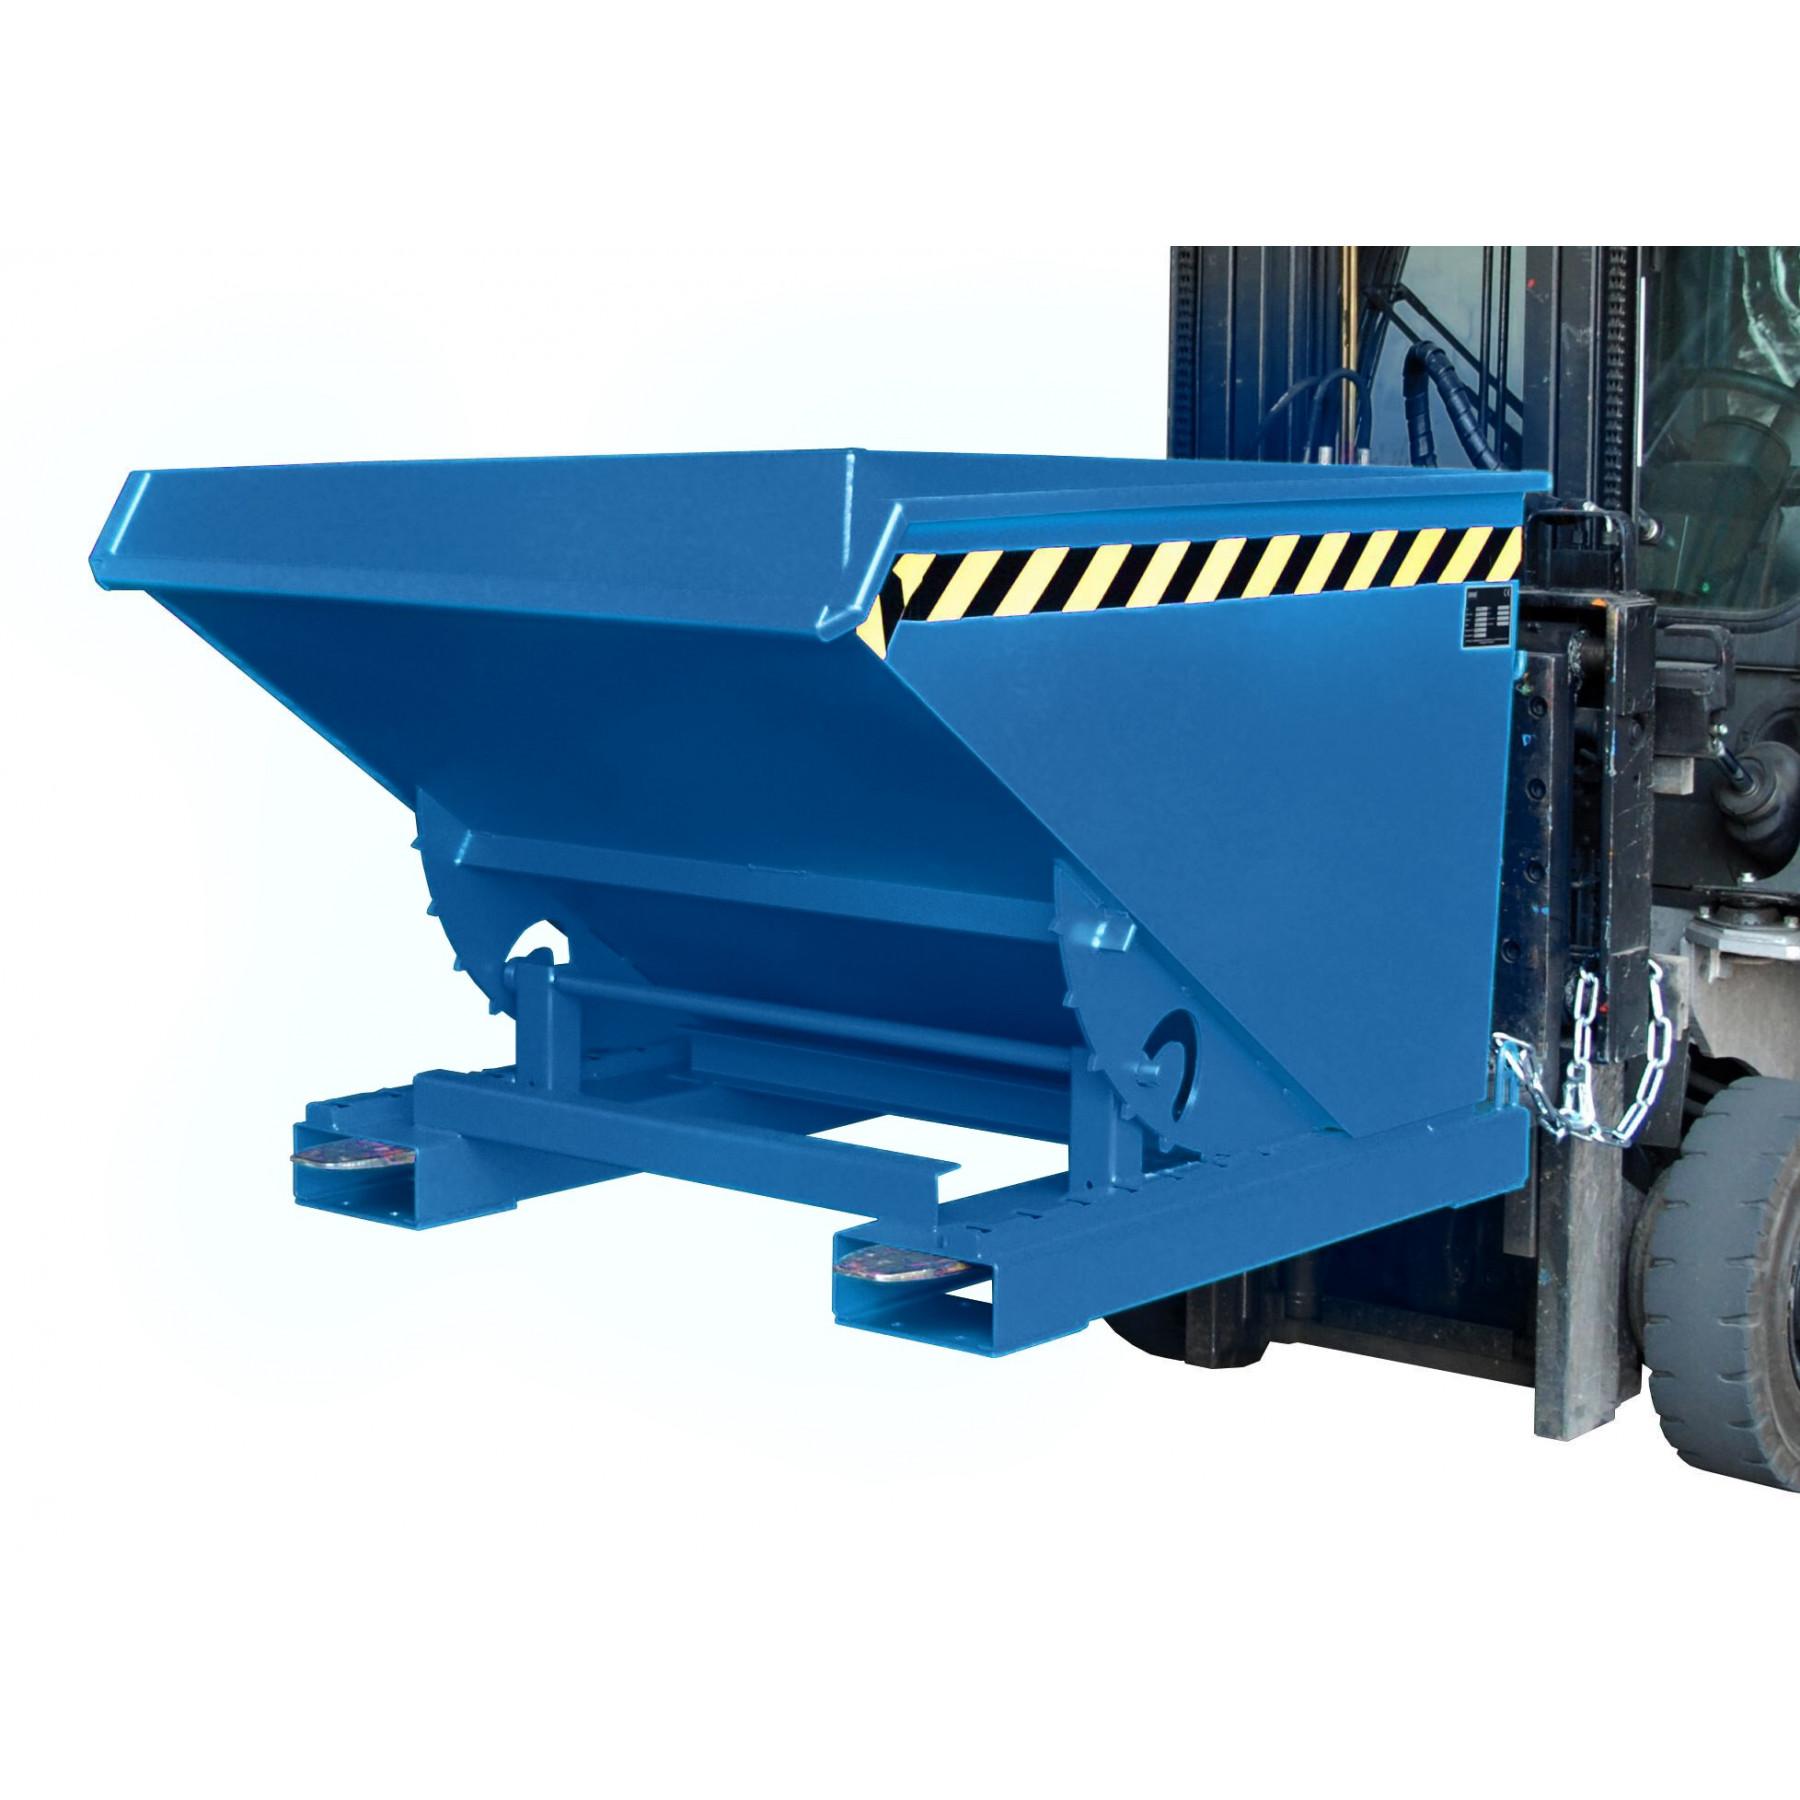 Kiepcontainer 600 liter, hoog model, MTF-600-5001